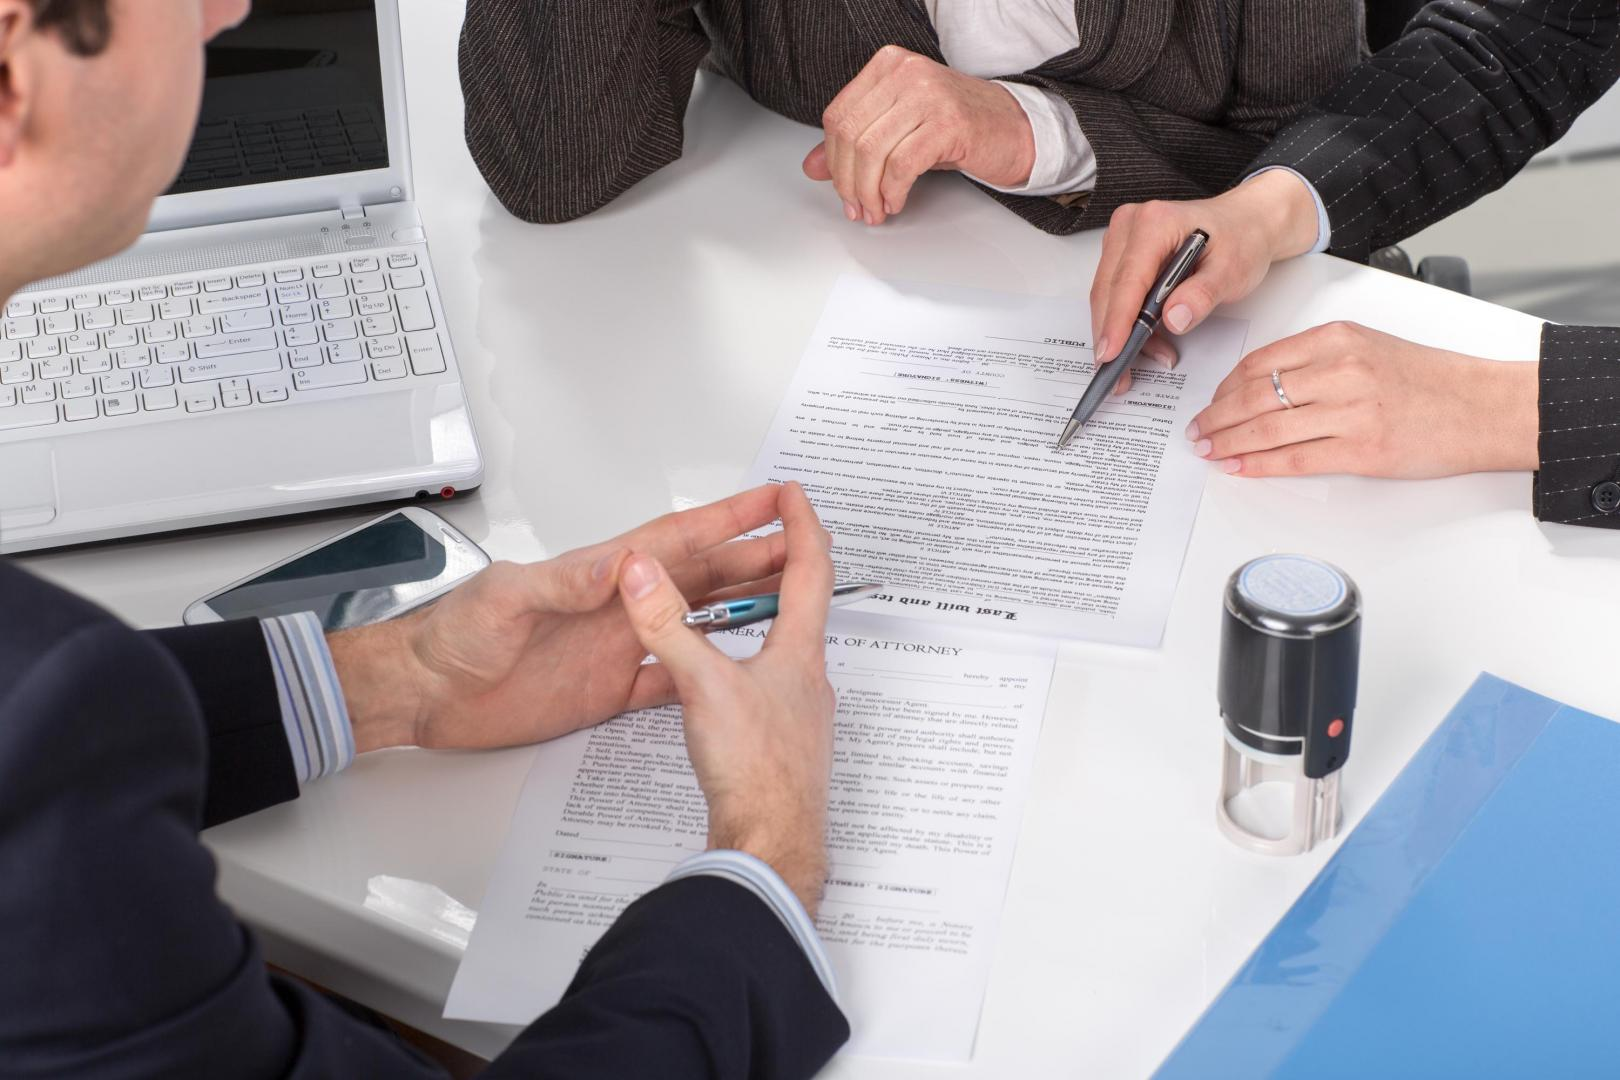 Իրավաբանական անձանց սպասարկում